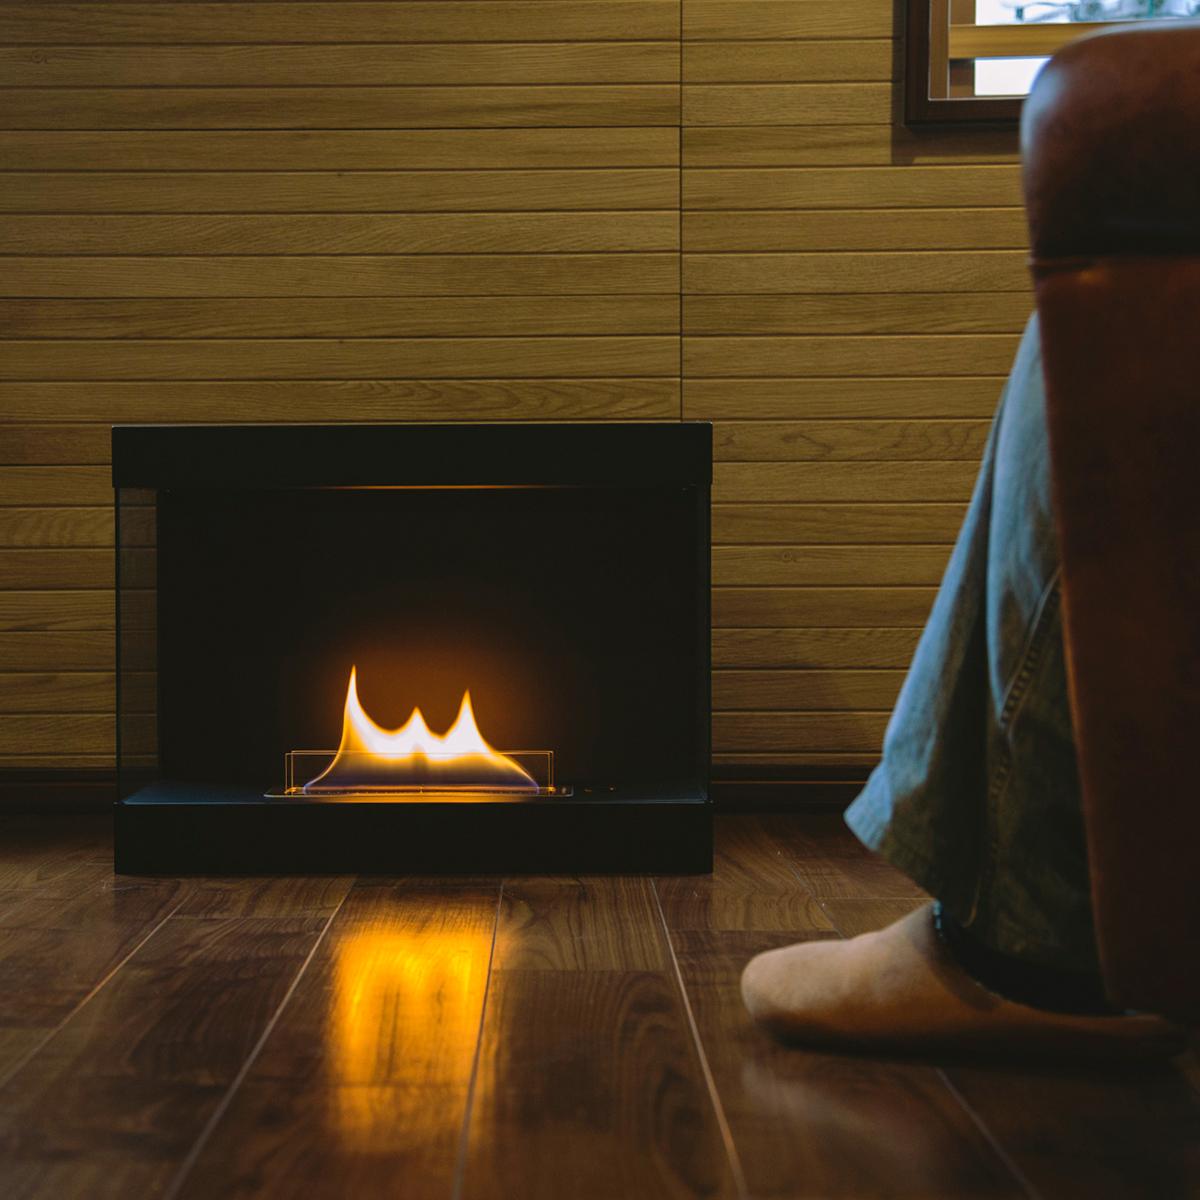 書斎スペースに置いて、一人で、パートナーと二人で、ゆったり眺めるのもおすすめ。安全な専用燃料で片づけいらず、ニオイも煙も出ないから、家のどこにでも置けるバイオエタノール燃料を使った「暖炉」|LOVINFLAME VENTFREE